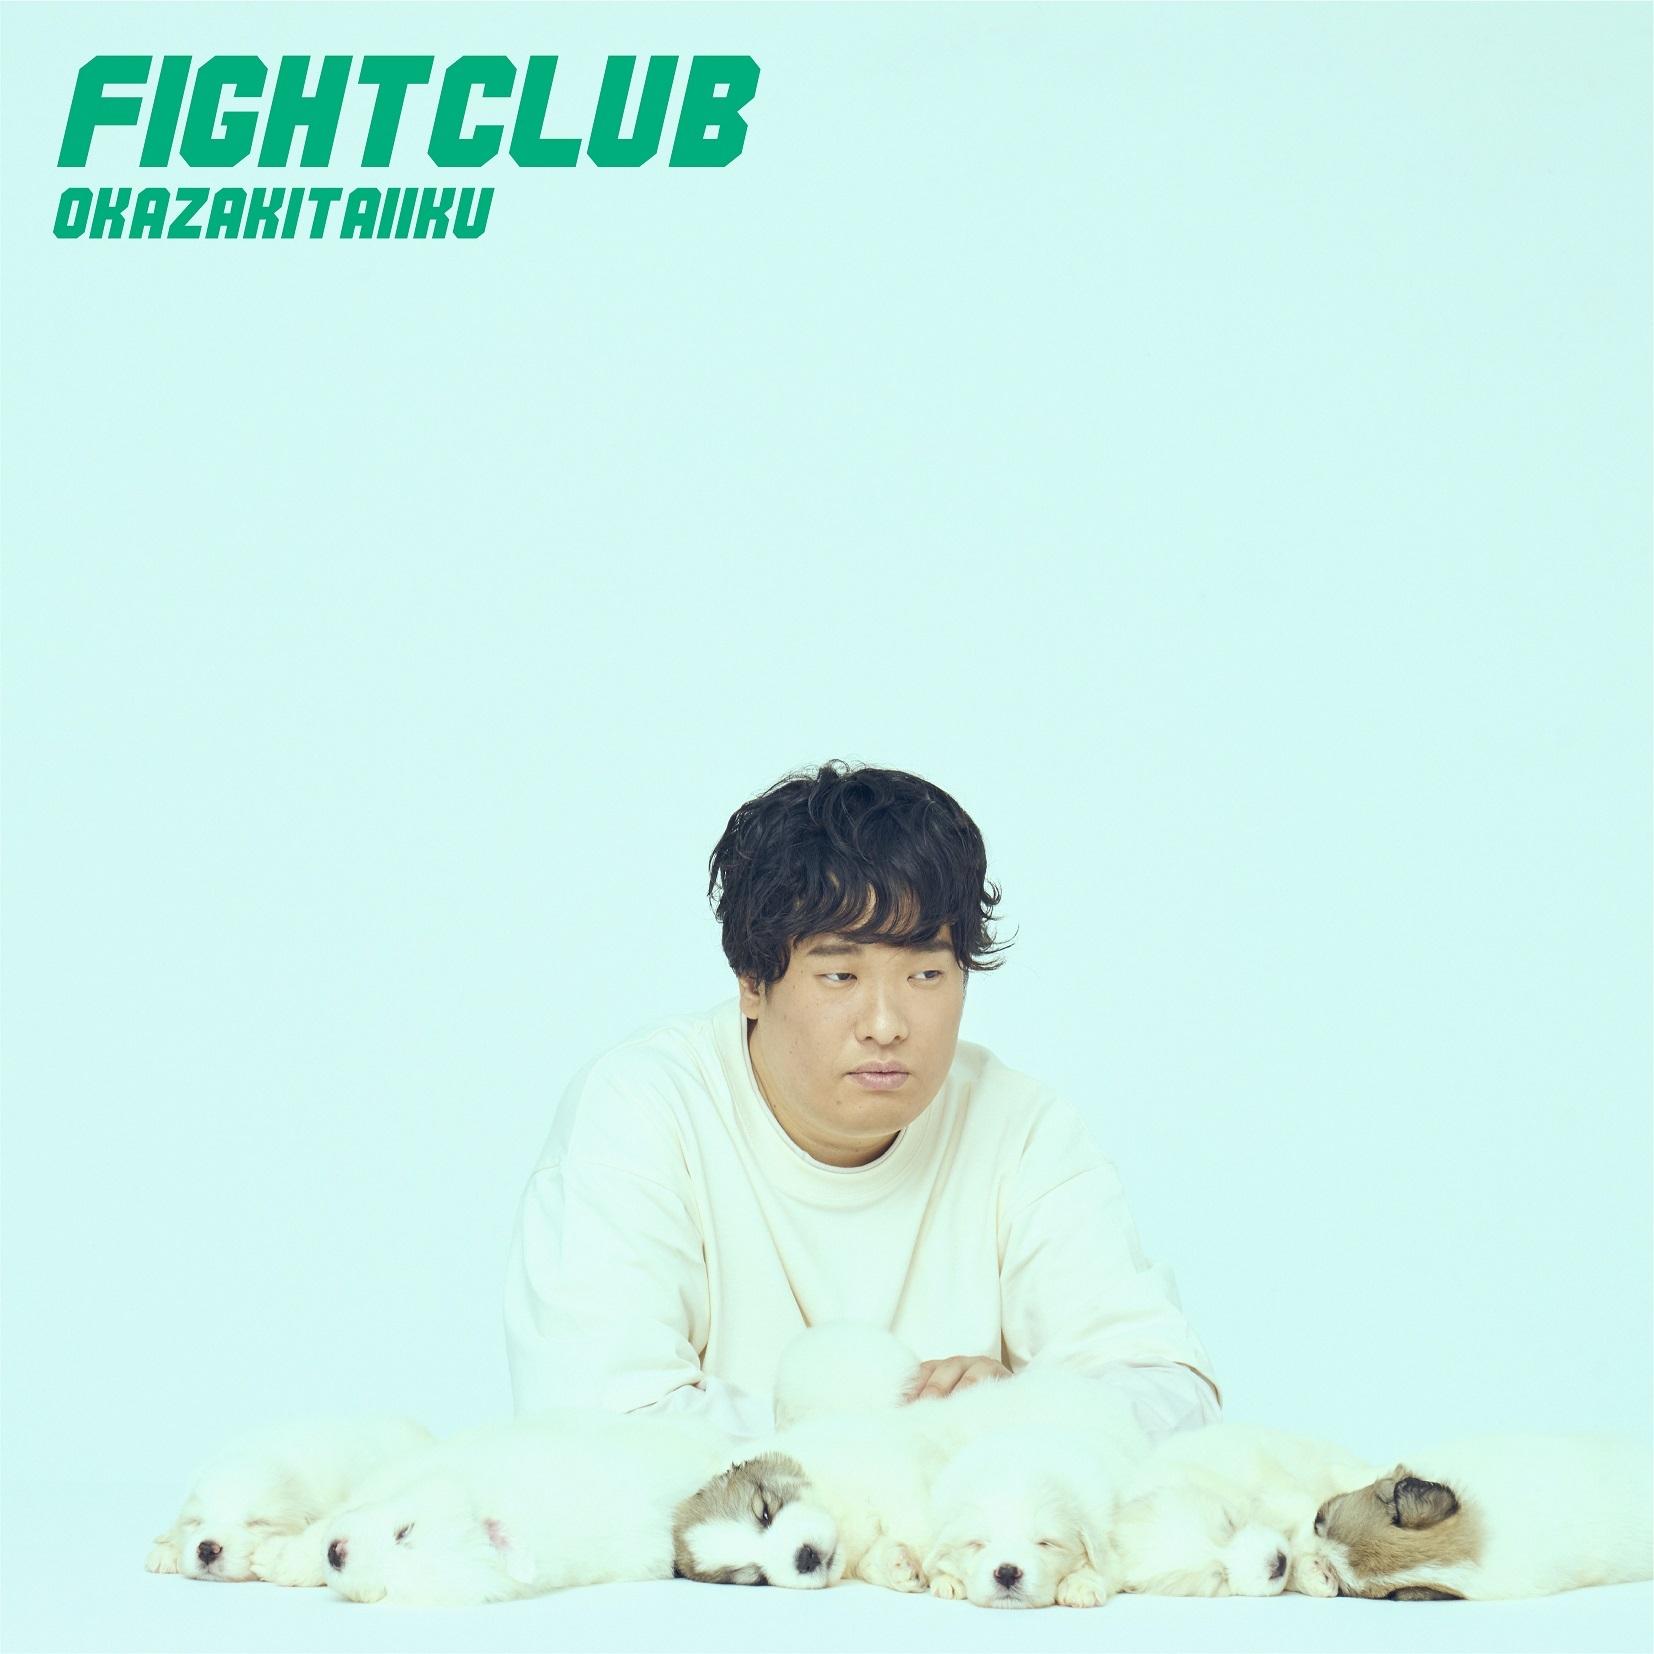 『FIGHT CLUB』ジャケット